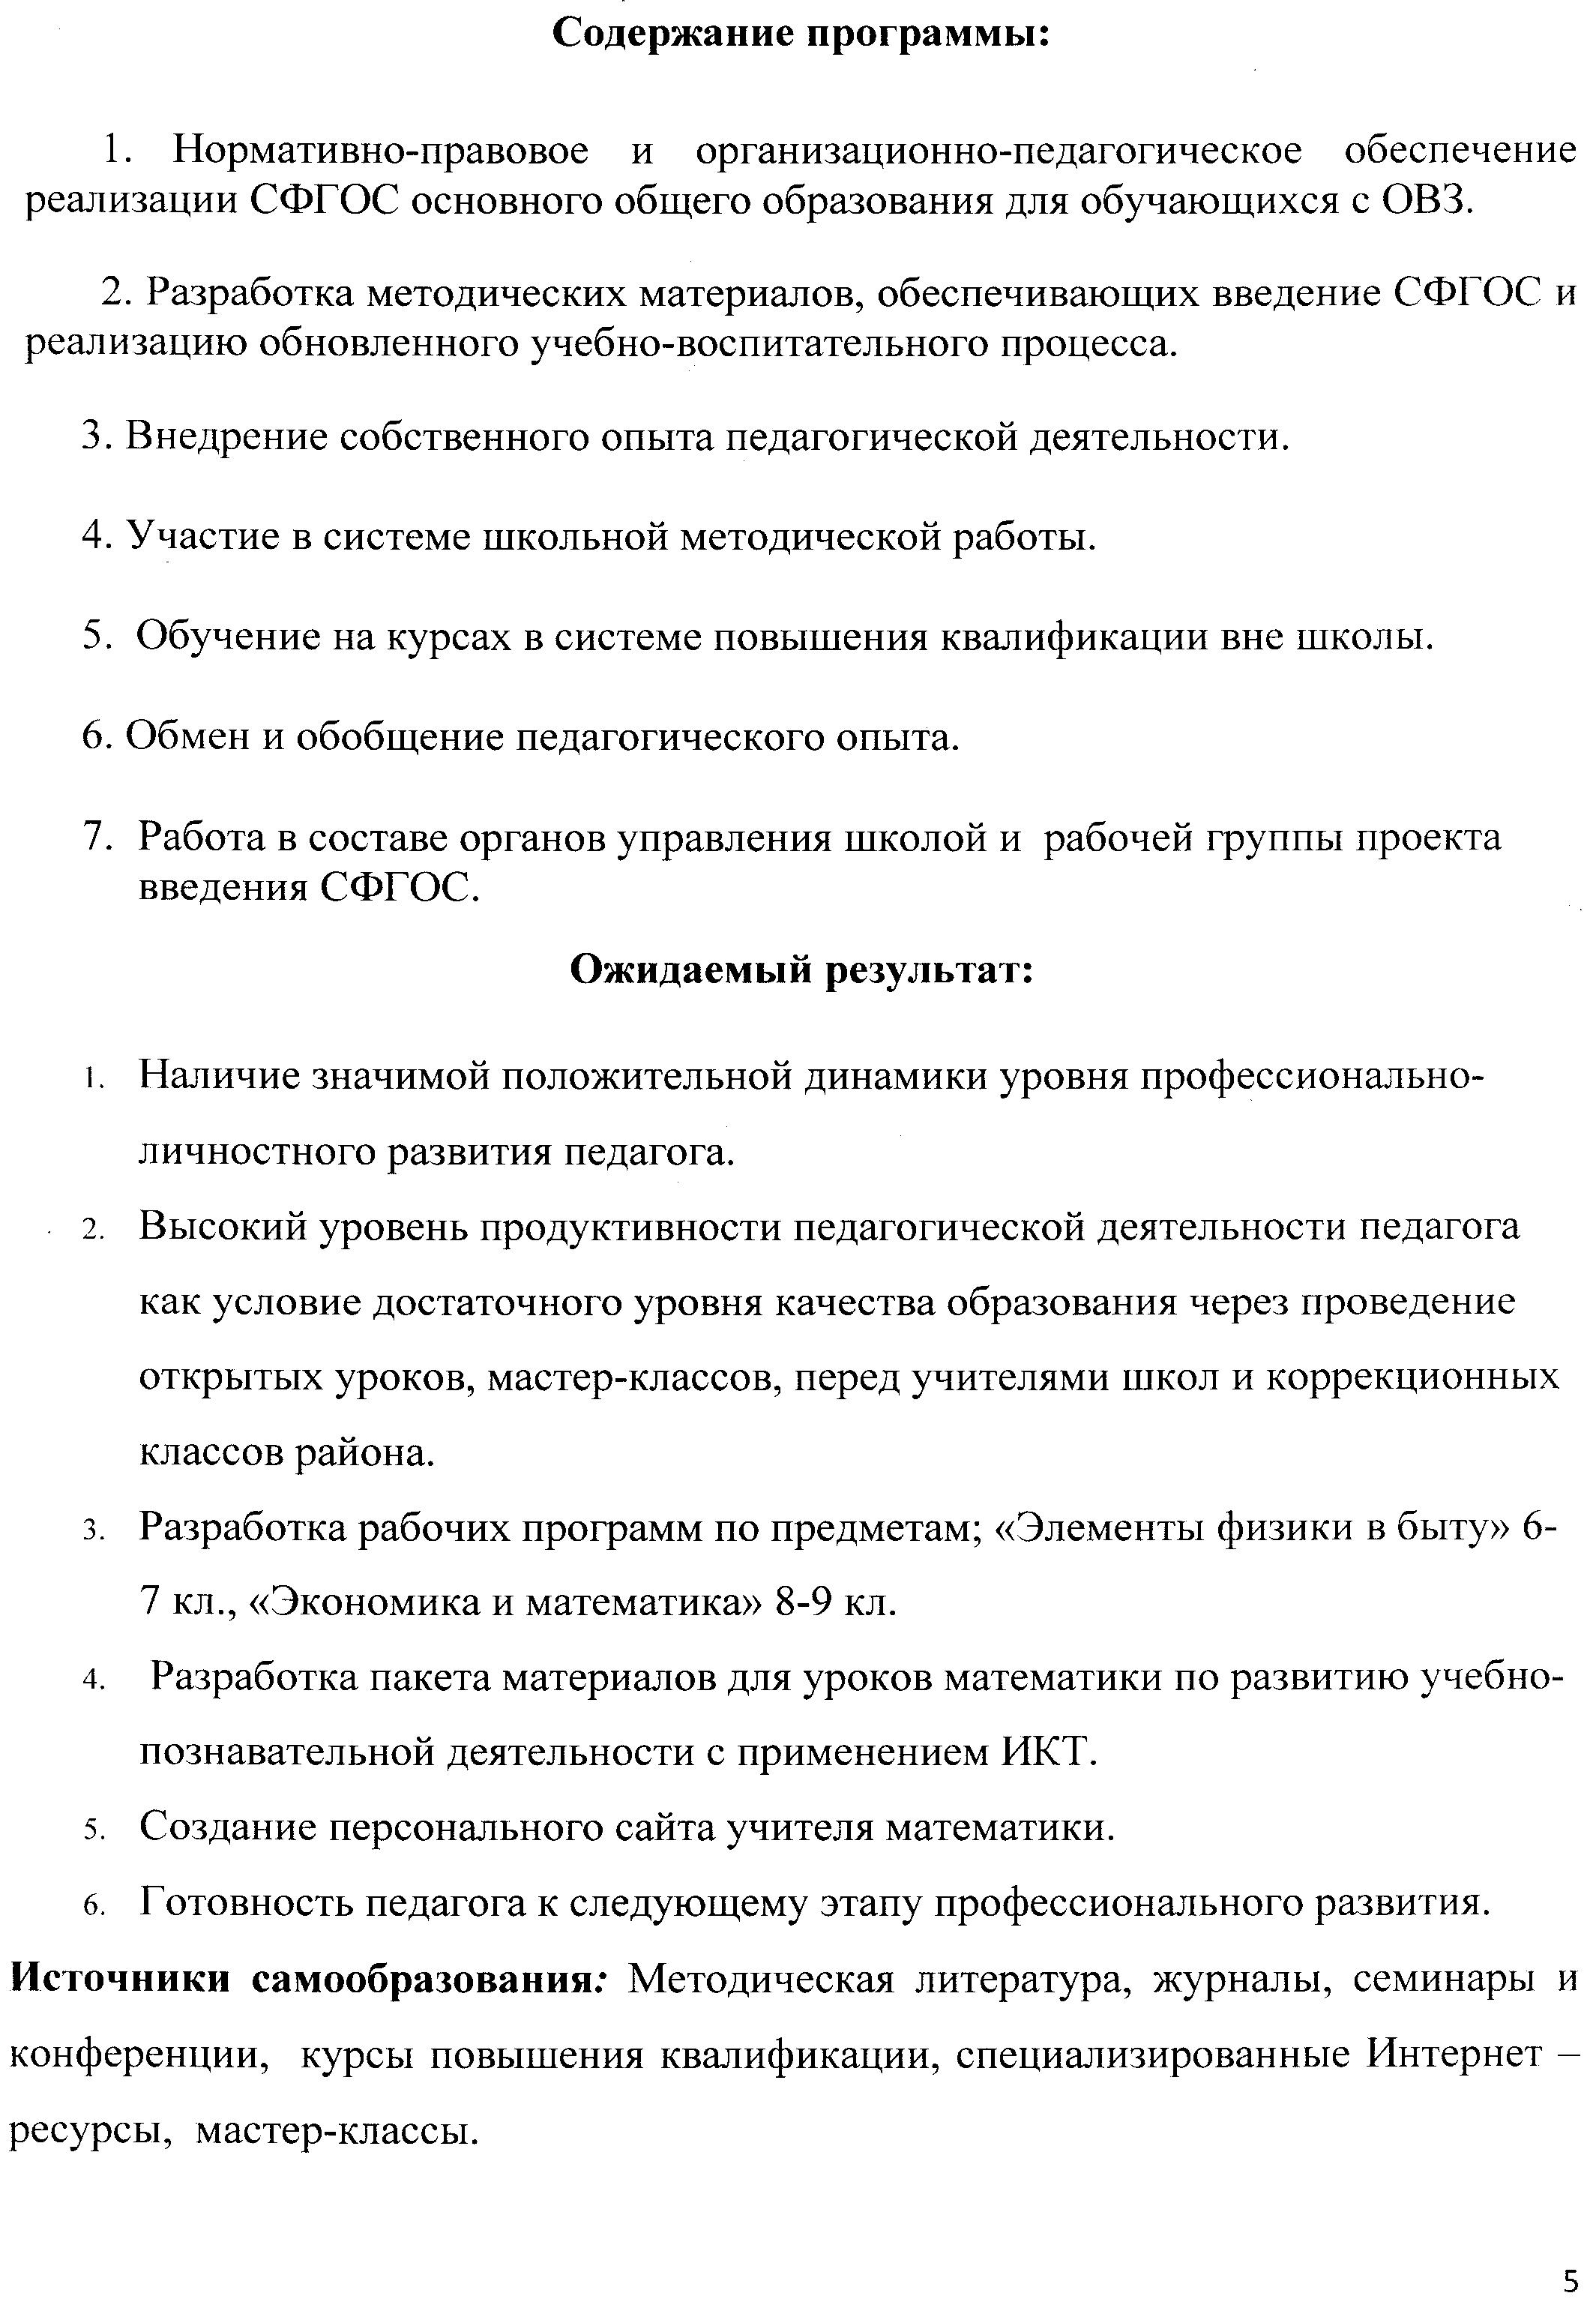 G:\Программа профессионального самообразования\img005.jpg